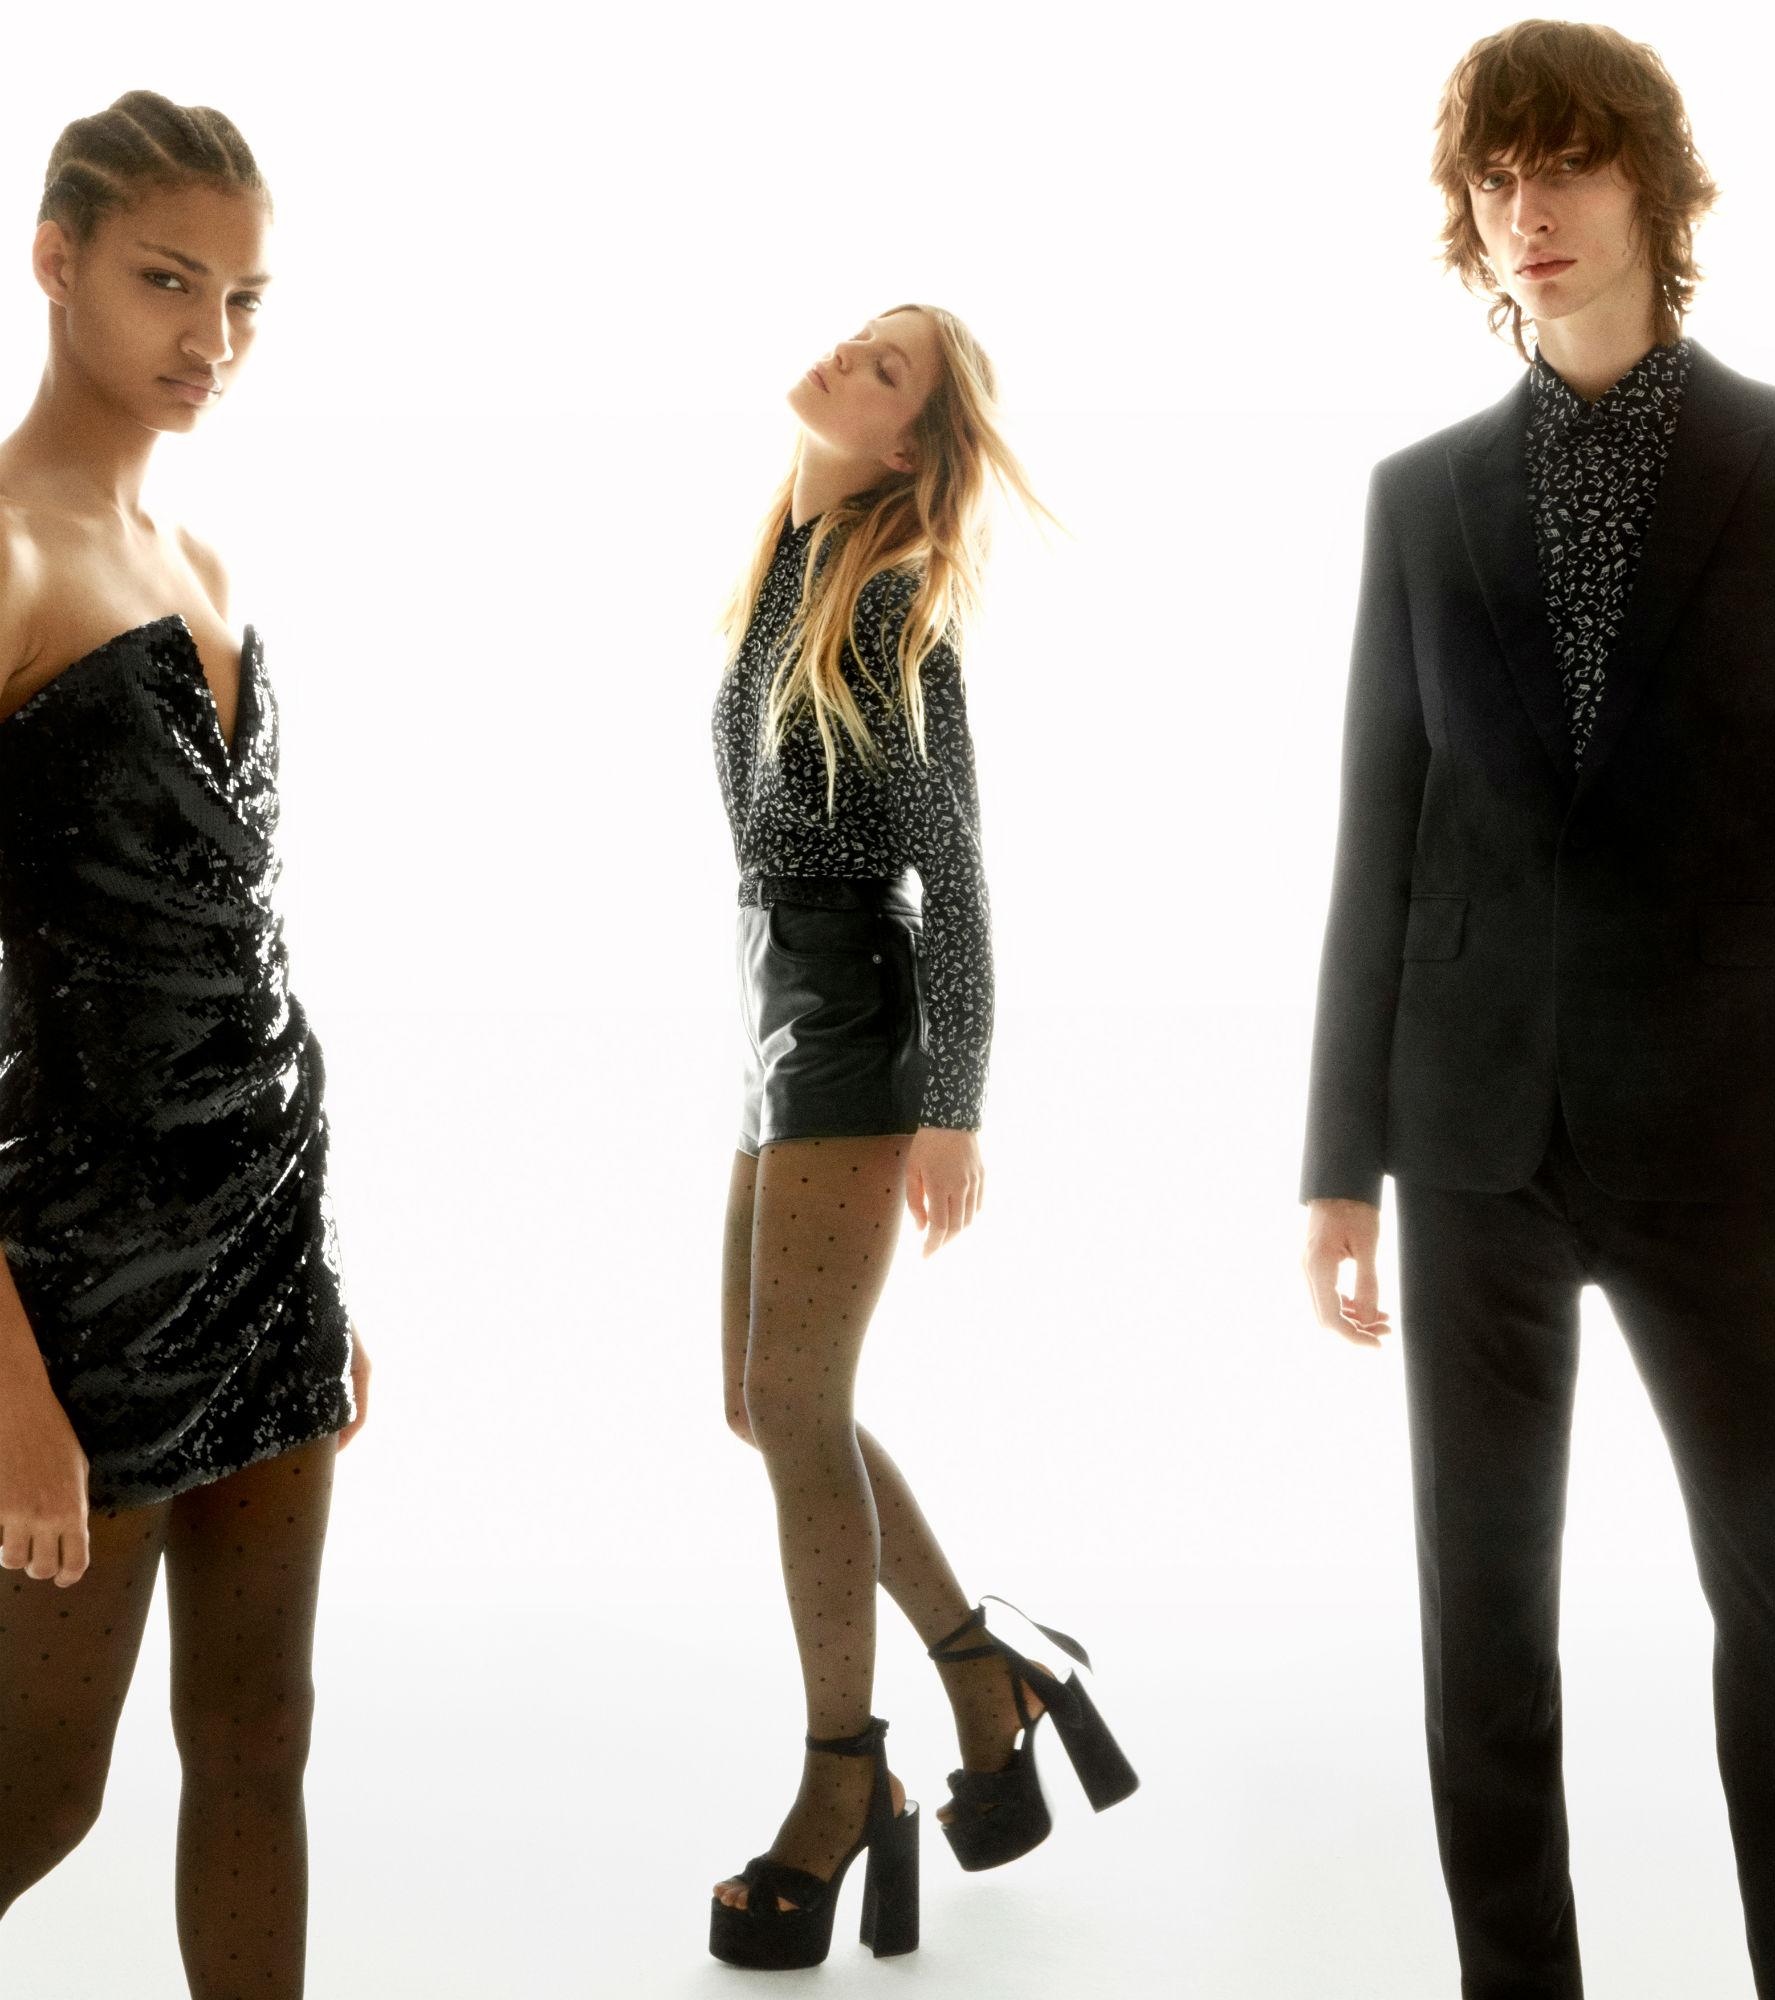 Shop Saint Laurent's collaboration with Net-A-Porter now